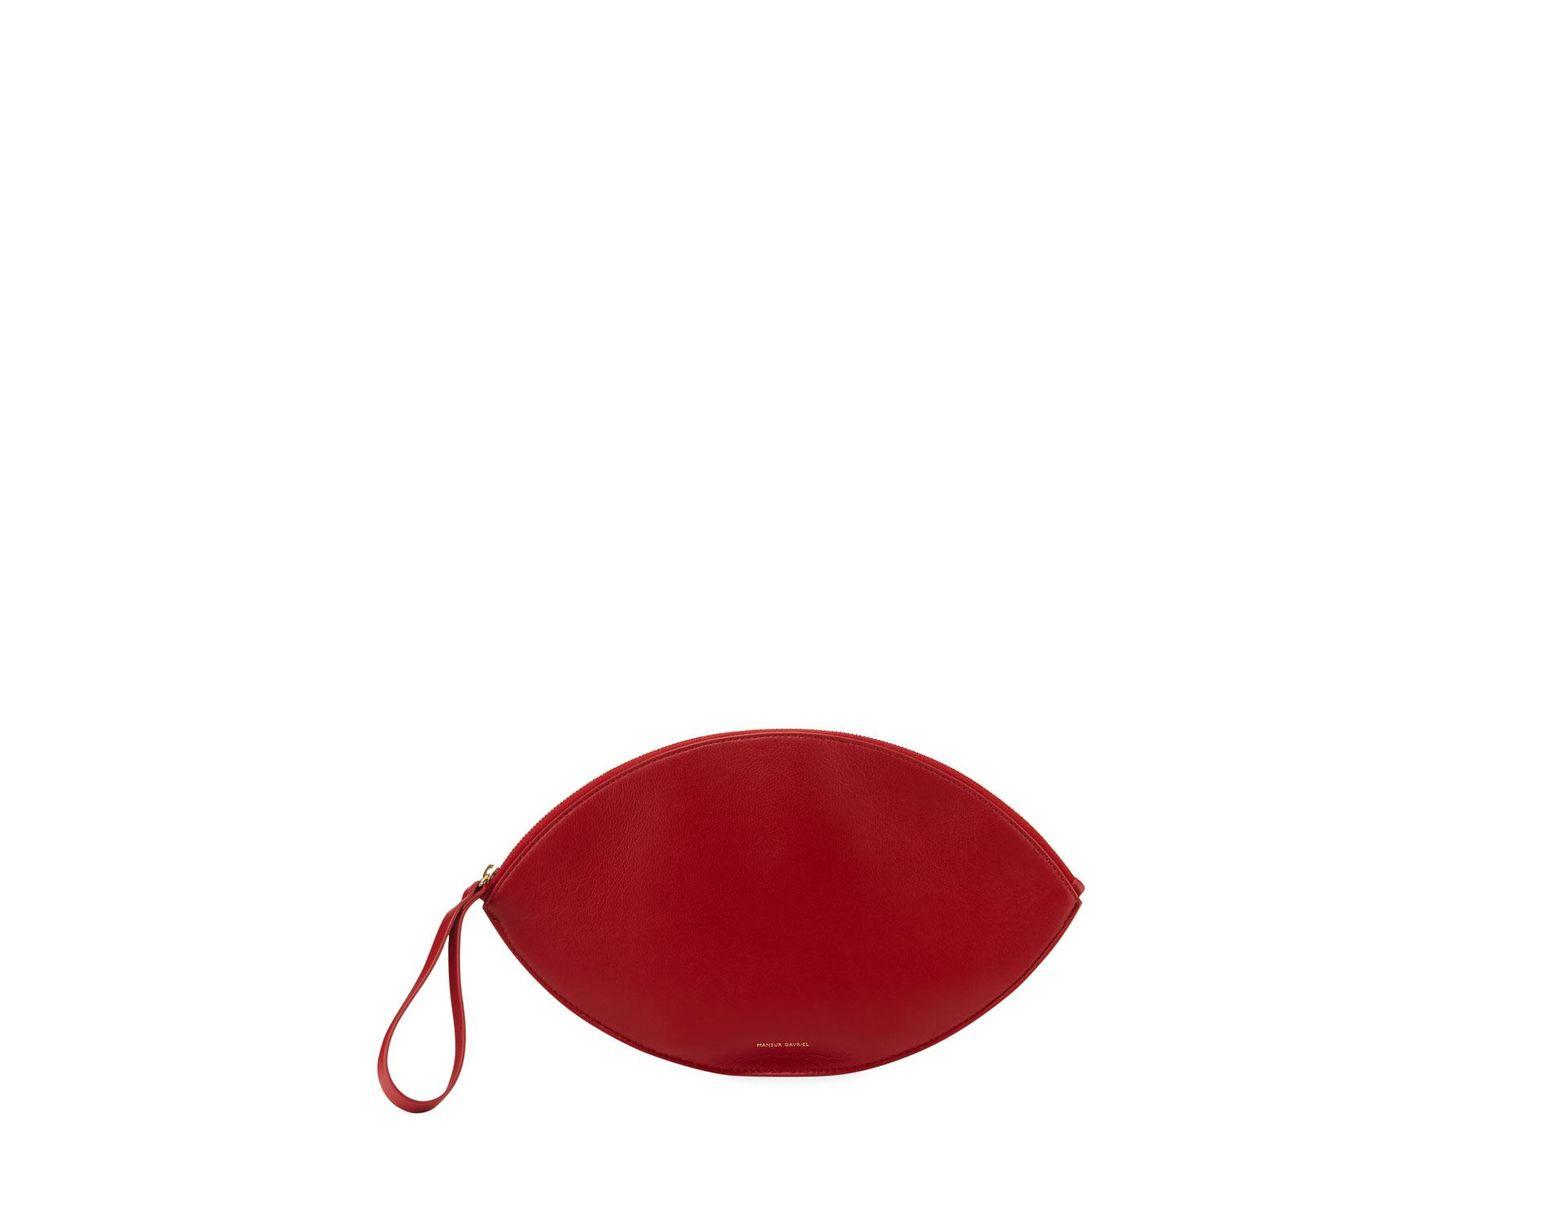 4bd90e4de3d Mansur Gavriel Leather Oval Clutch Bag in Red - Lyst